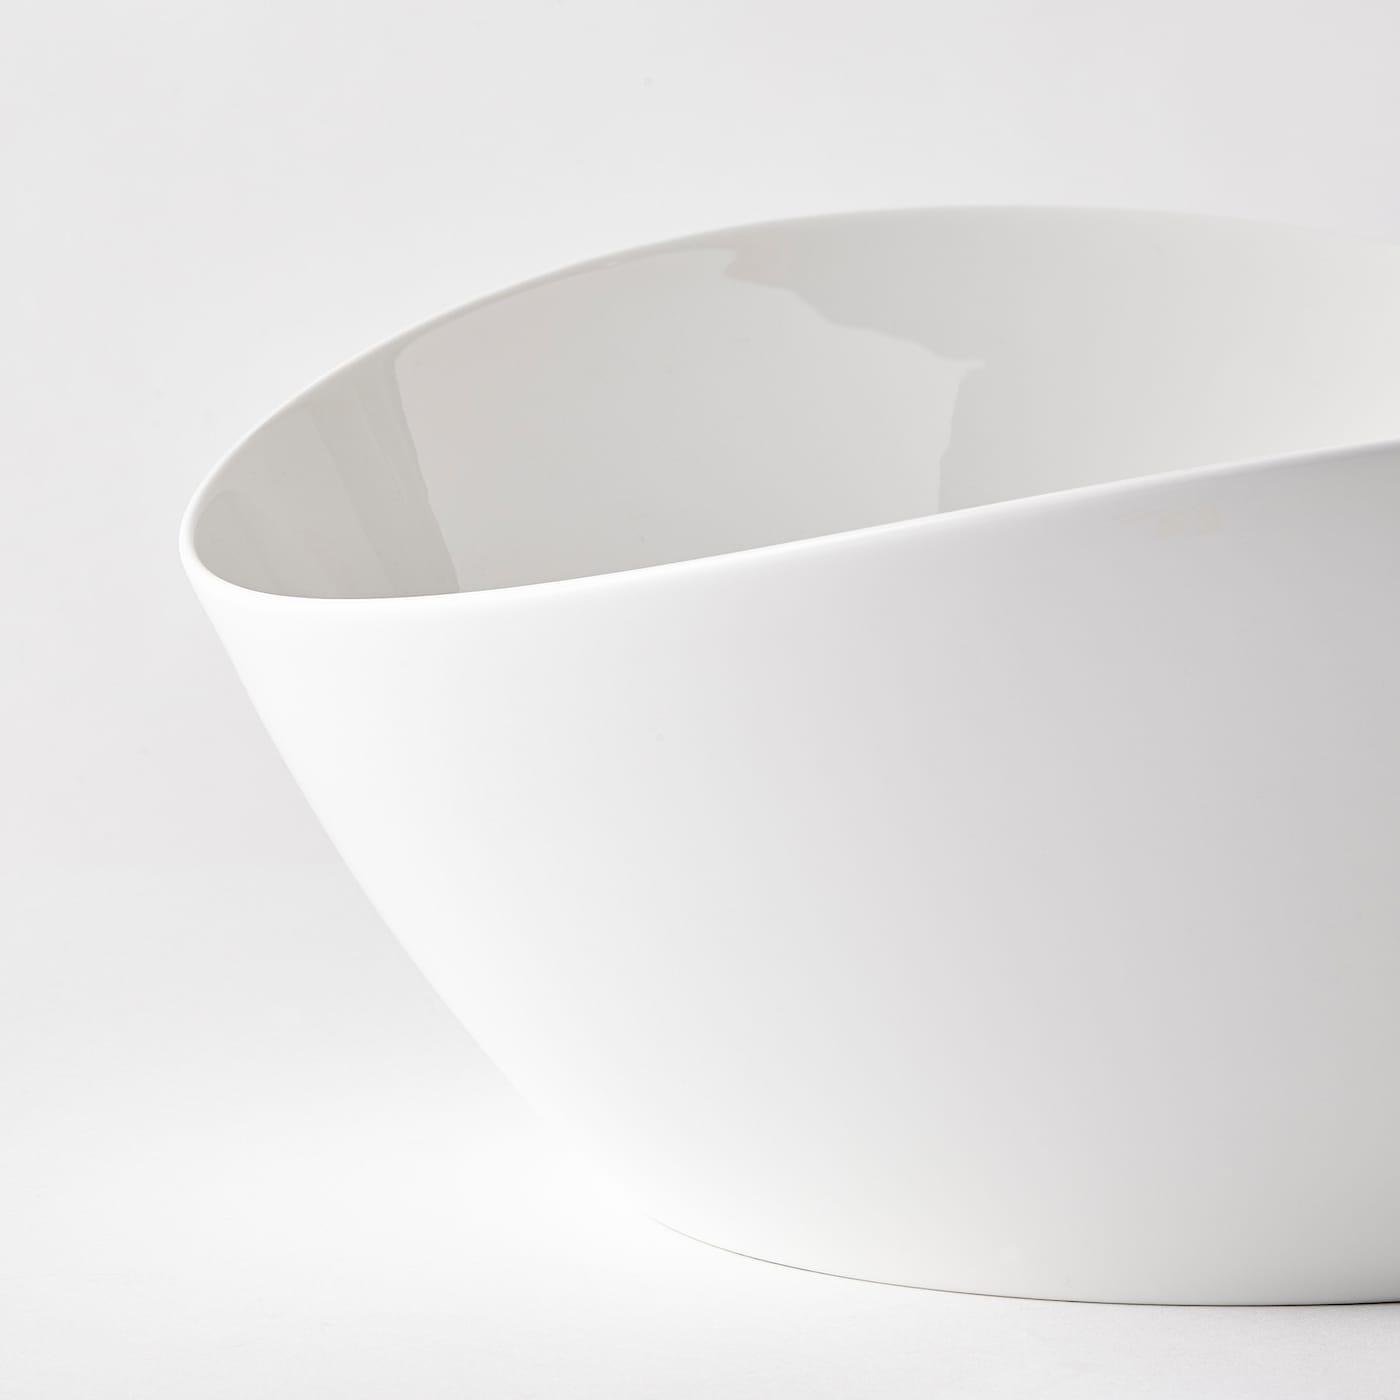 SKYN Servierschüssel weiß 13 cm 31 cm